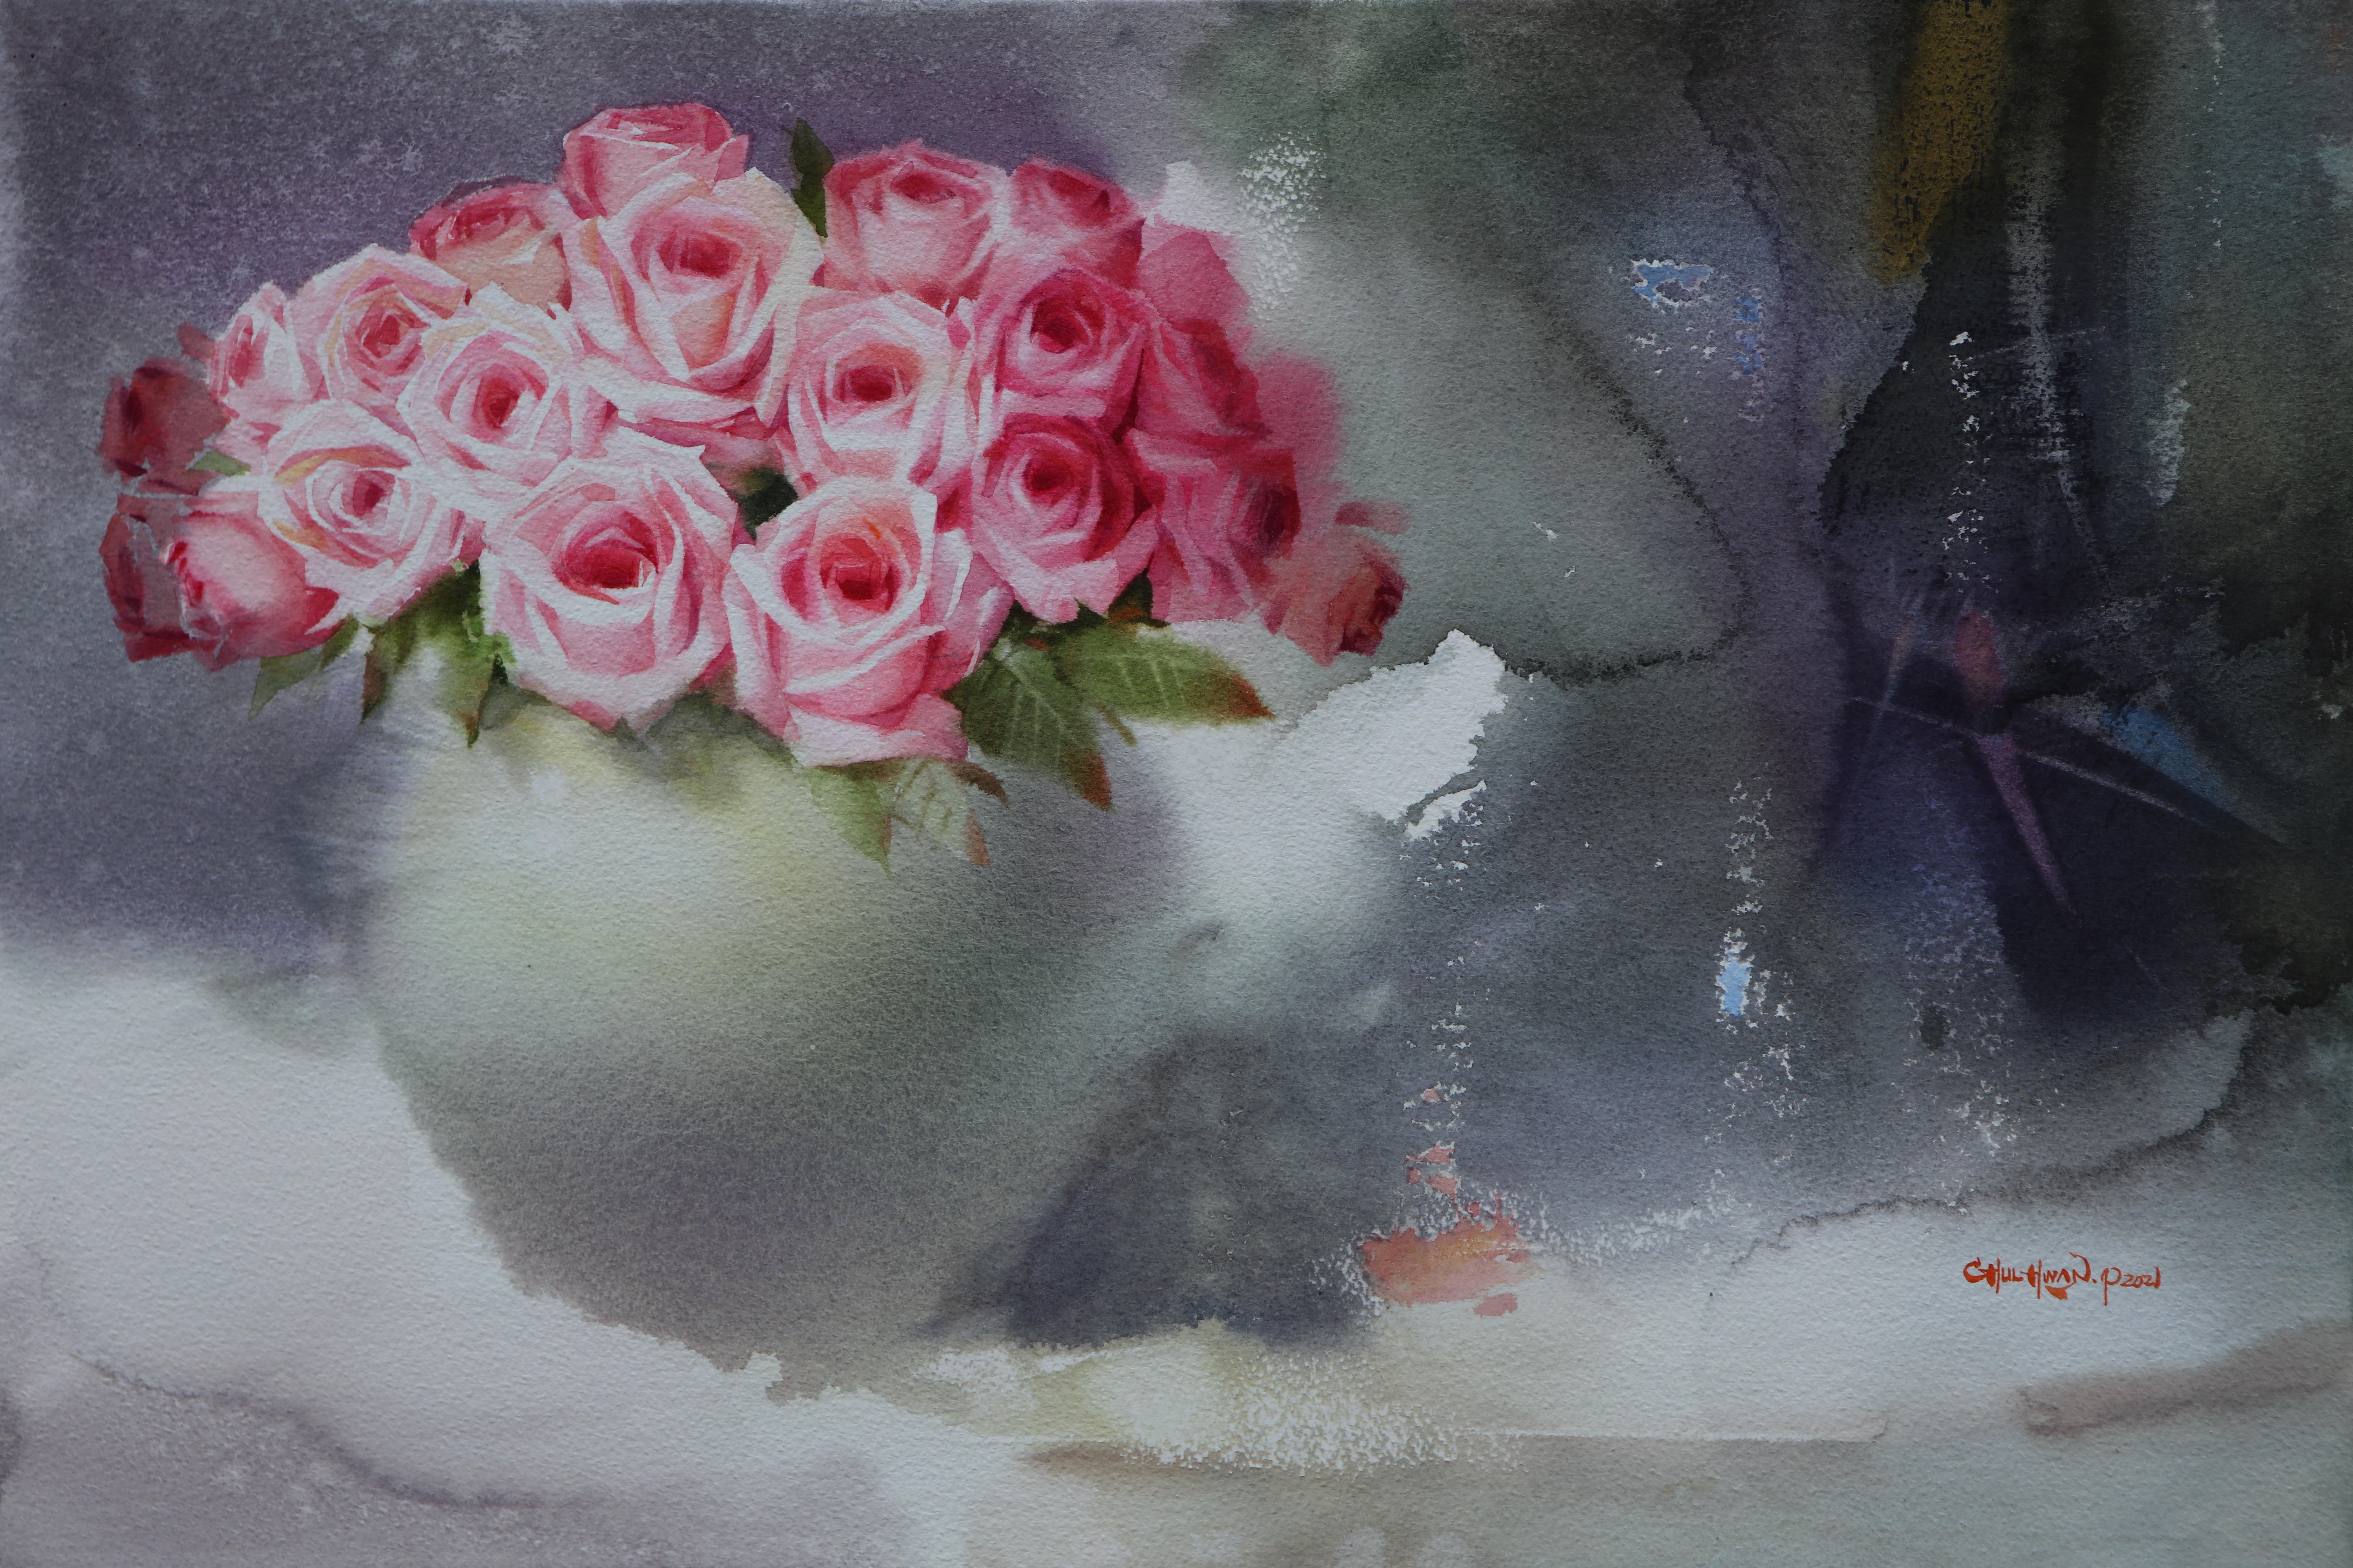 005, 박철환, Rose, 40.9 x 60